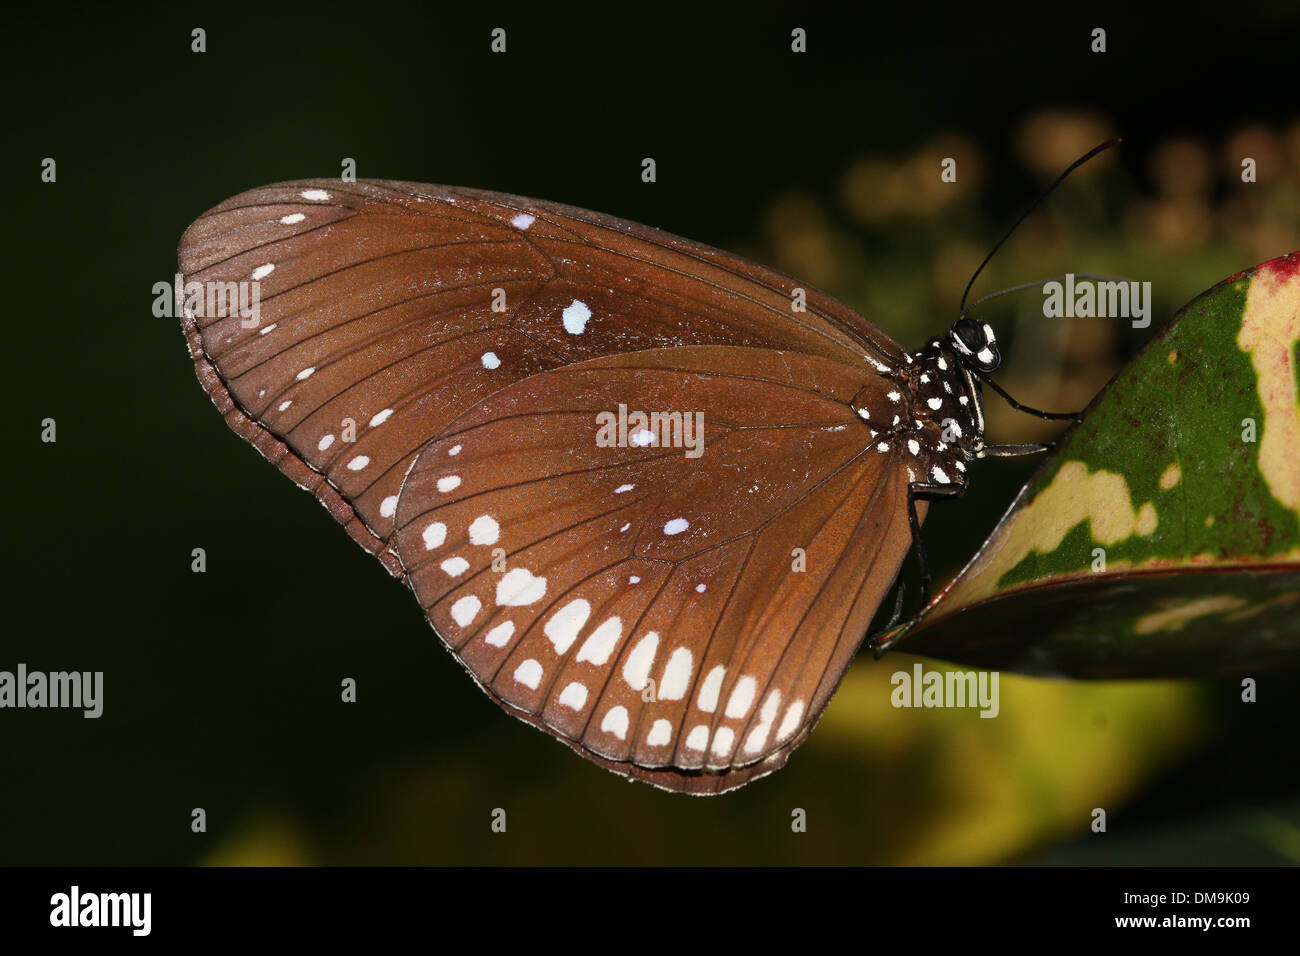 Il corvo comune butterfly a.k.a. Comuni indiana o corvo australiano ( Euploea core) Immagini Stock